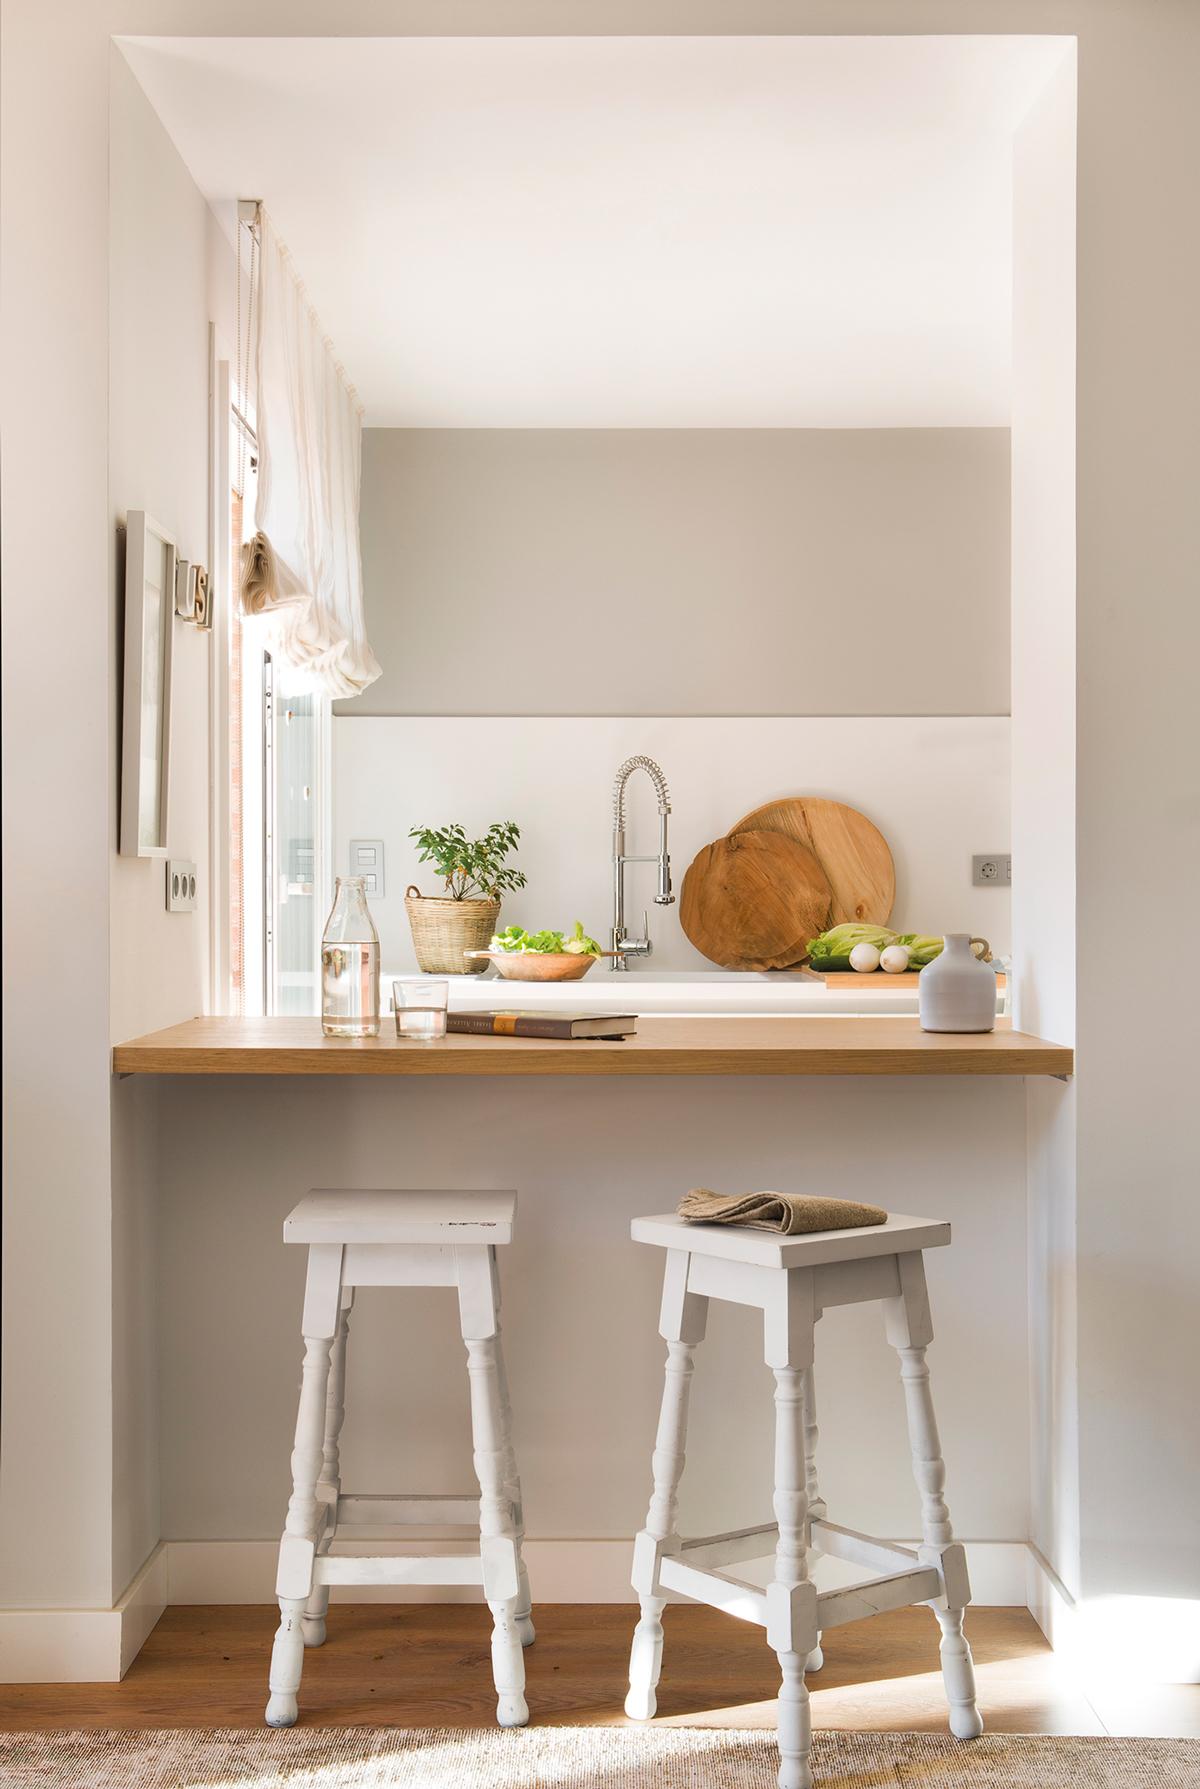 Cocinas muebles decoraci n dise o blancas o peque as - Taburete barra cocina ...